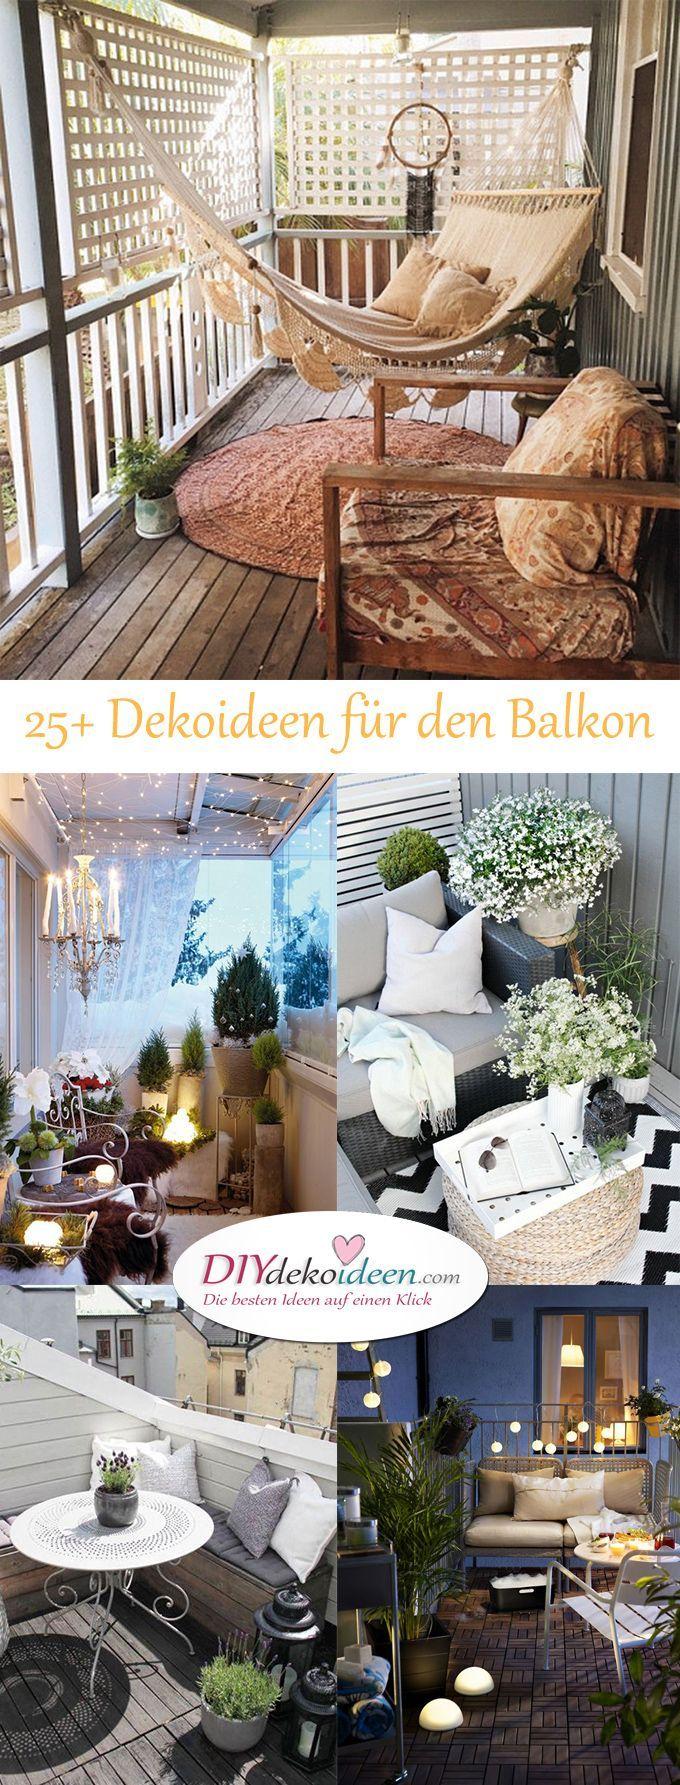 So Schmucken Sie Ihren Balkon Tolle Deko Ideen Fur Ihr Zuhause